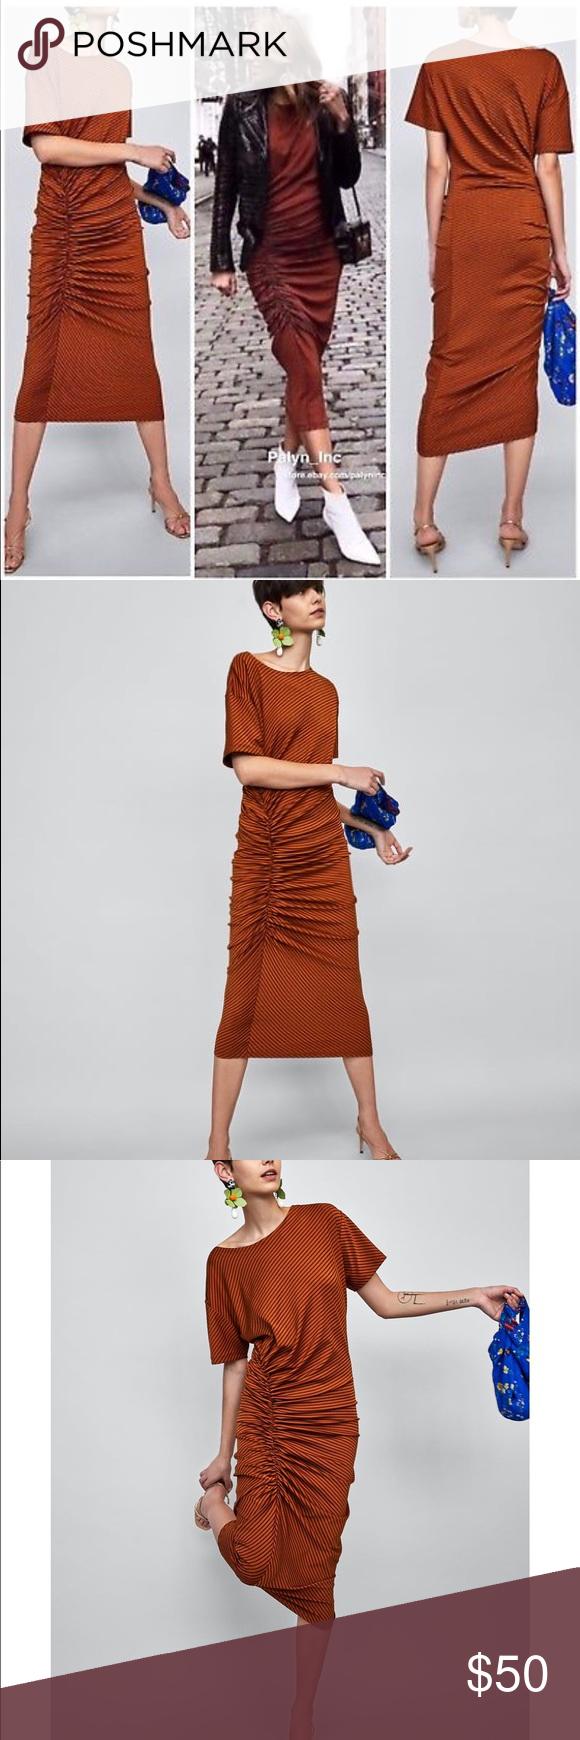 Nwt zara burnt orange striped gathered midi dress nwt my posh